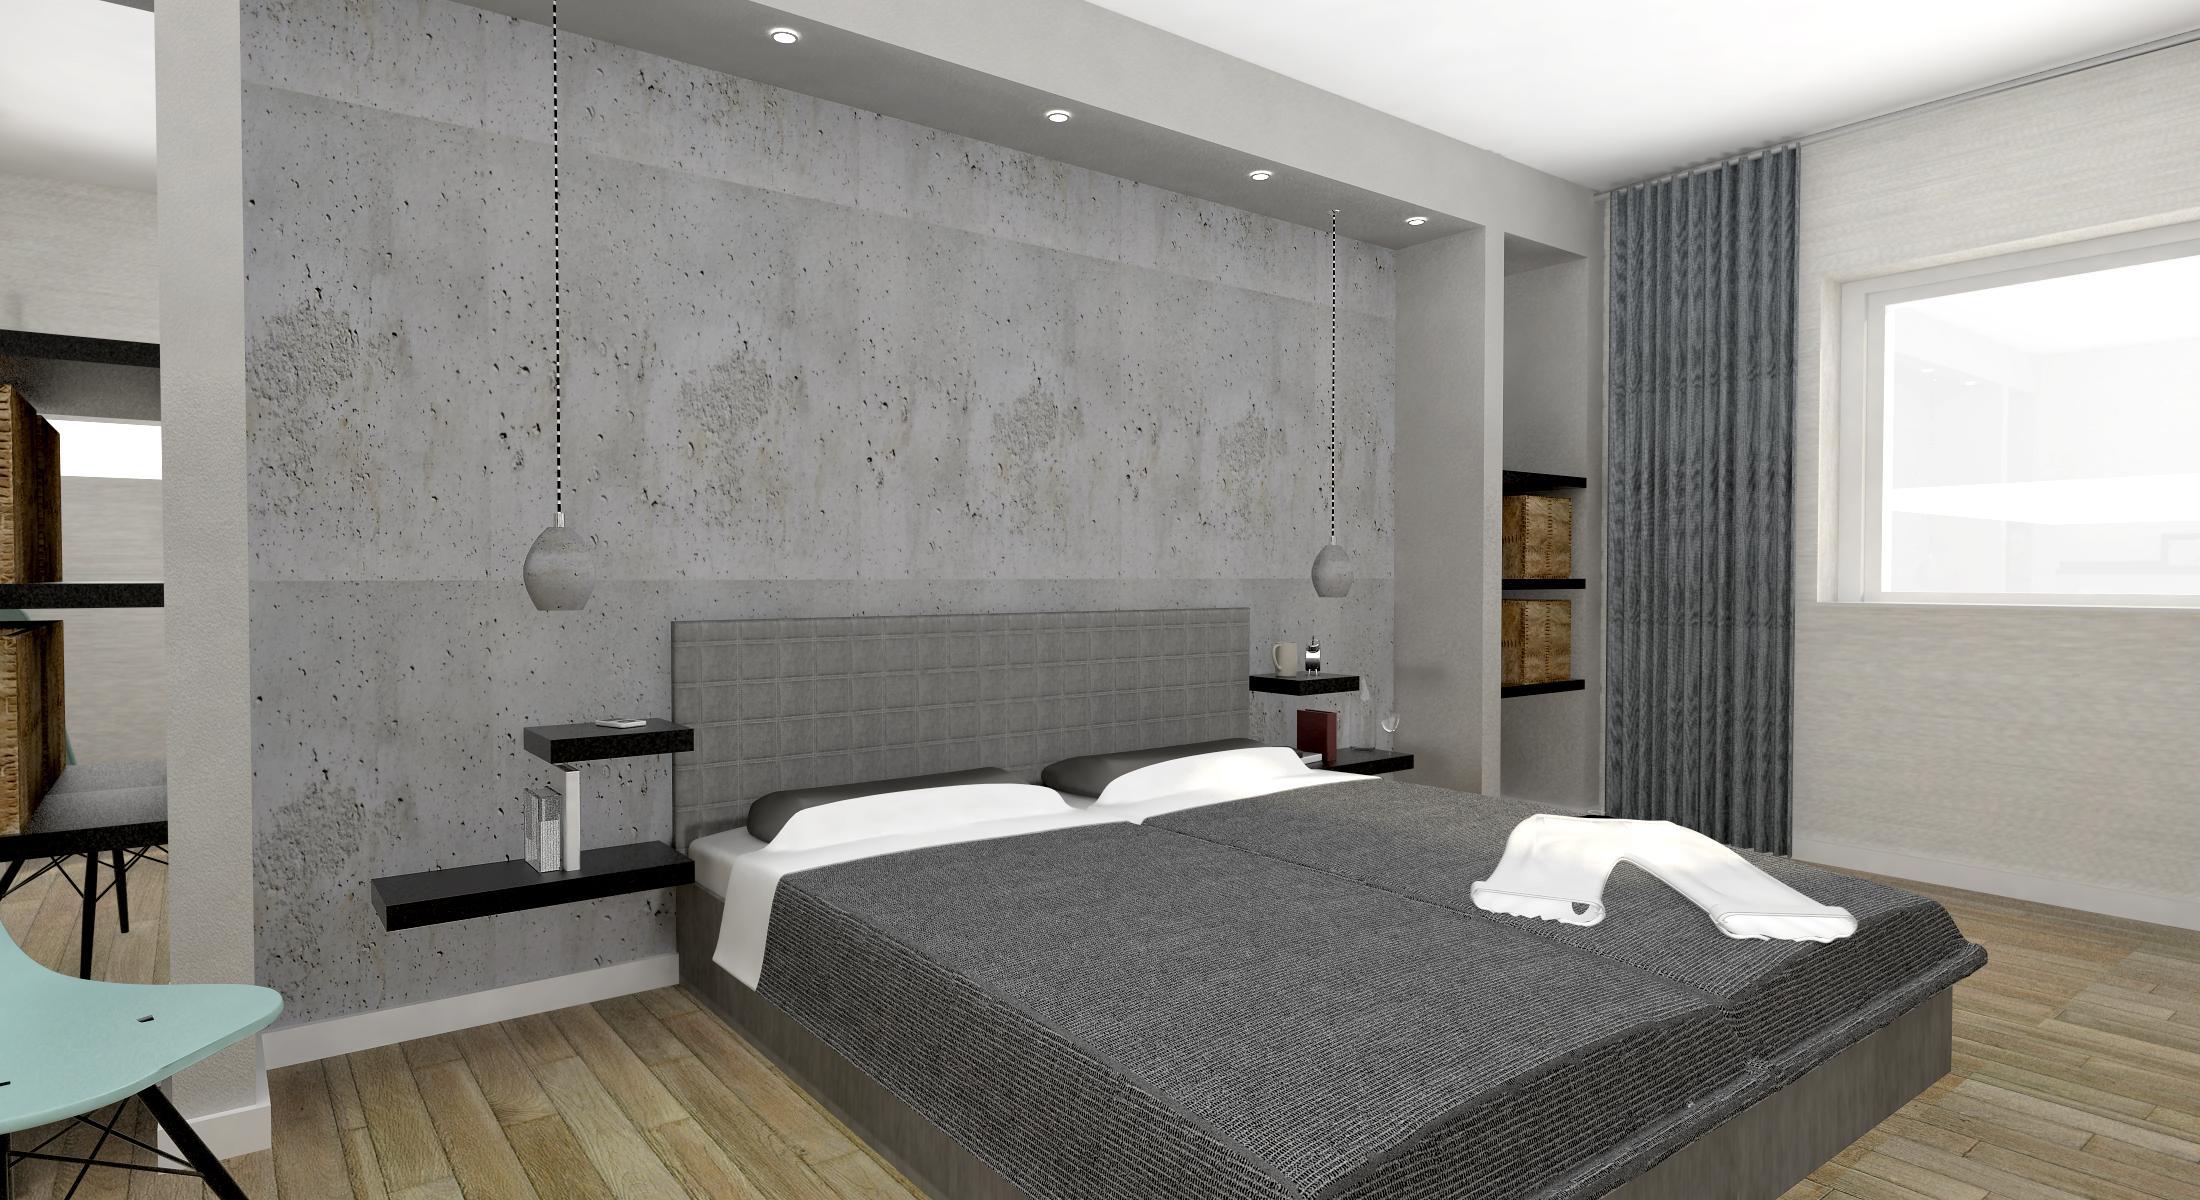 Schlafzimmer Umbauen • Bilder & Ideen • Couchstyle